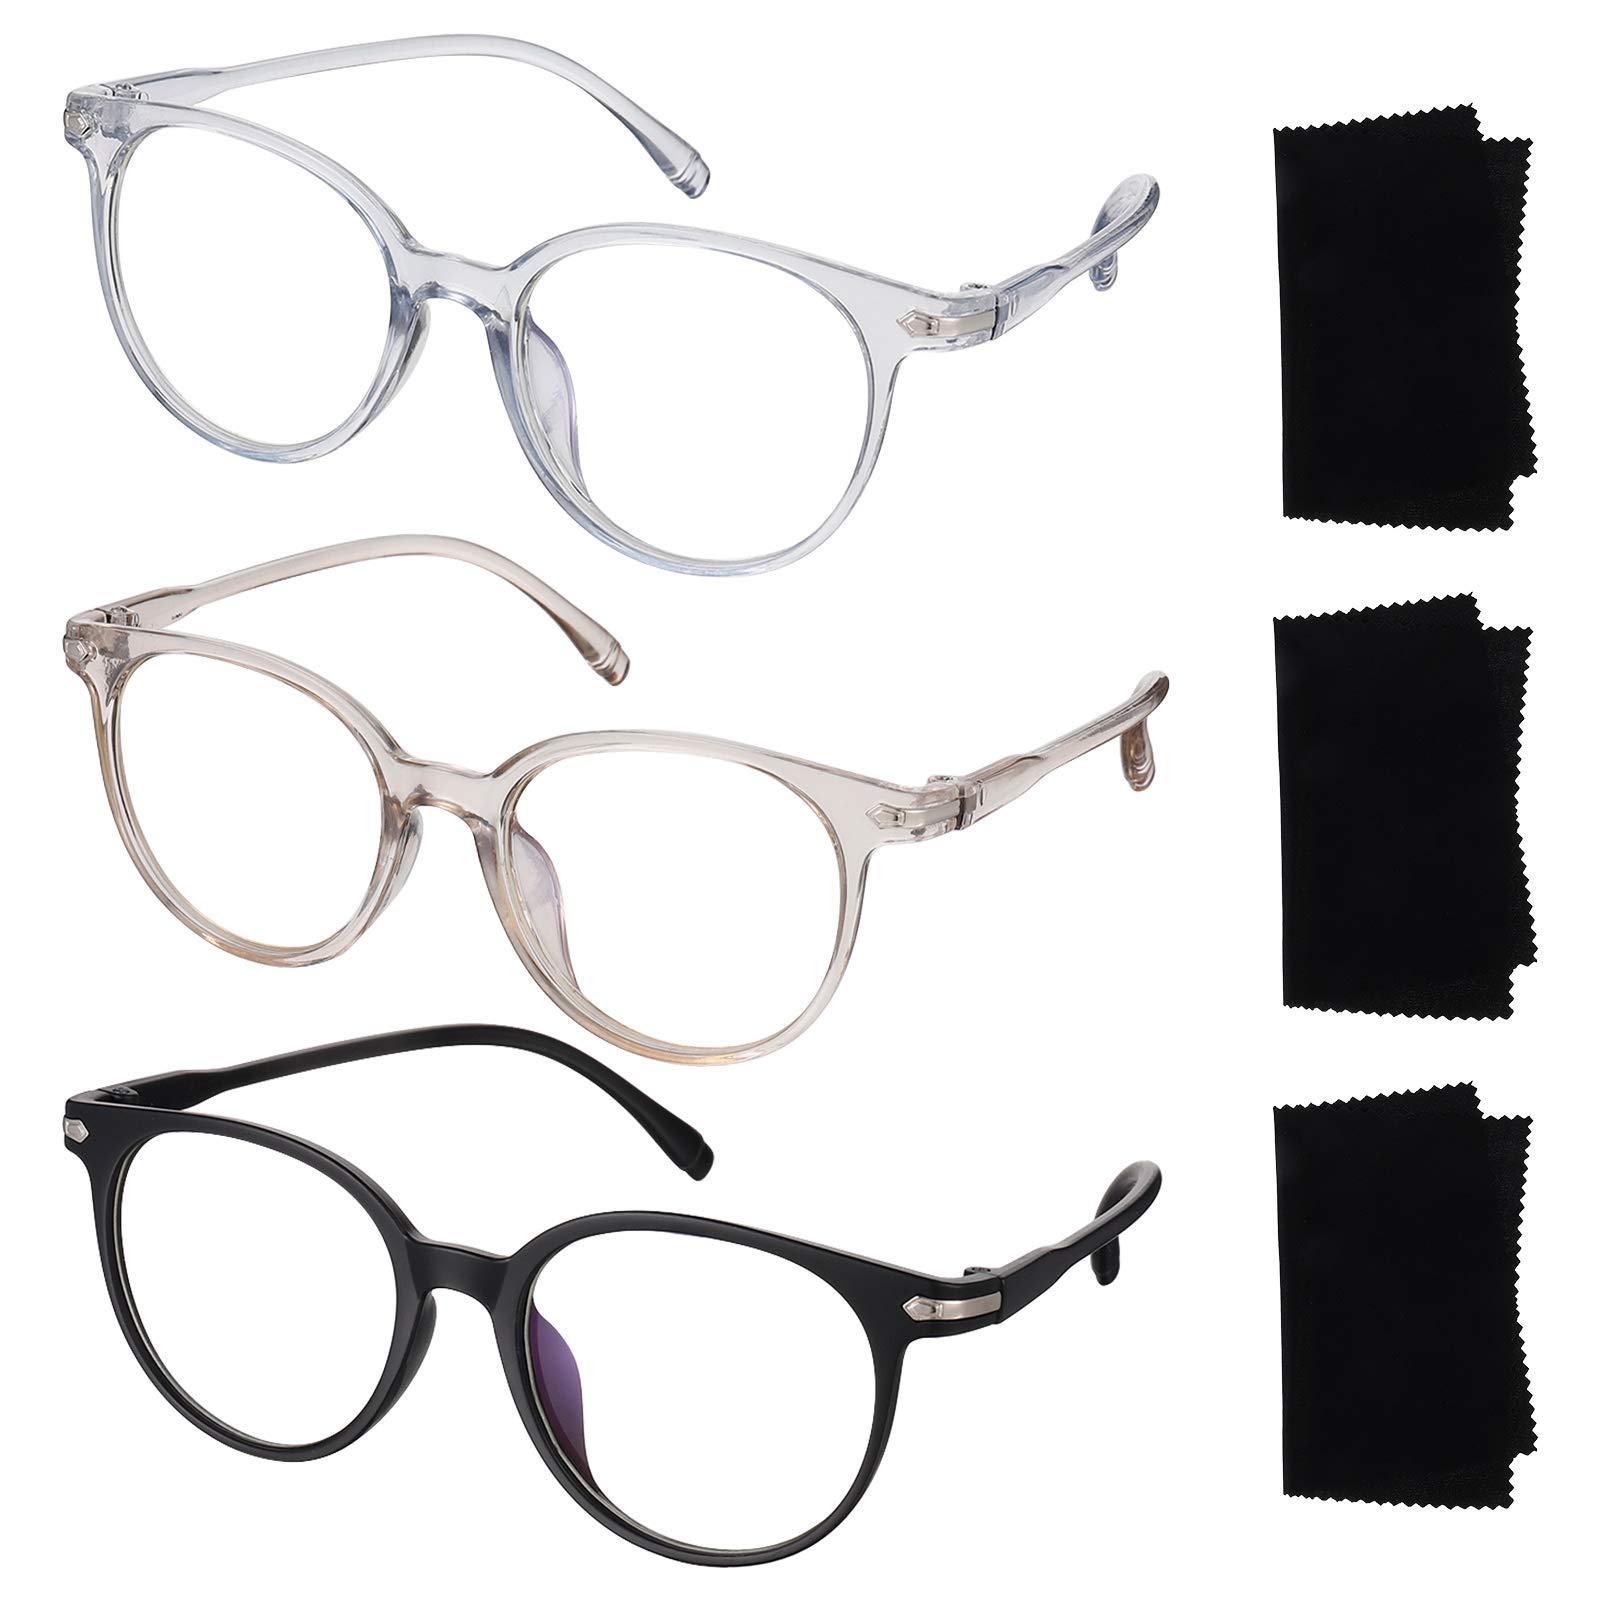 Phoetya 3 Pack Blue Light Blocking Glasses Frame Clear Lens Anti Eyestrain Glasses Gaming Eyewear Anti Eyestrain Eyeglasses for Women or Men